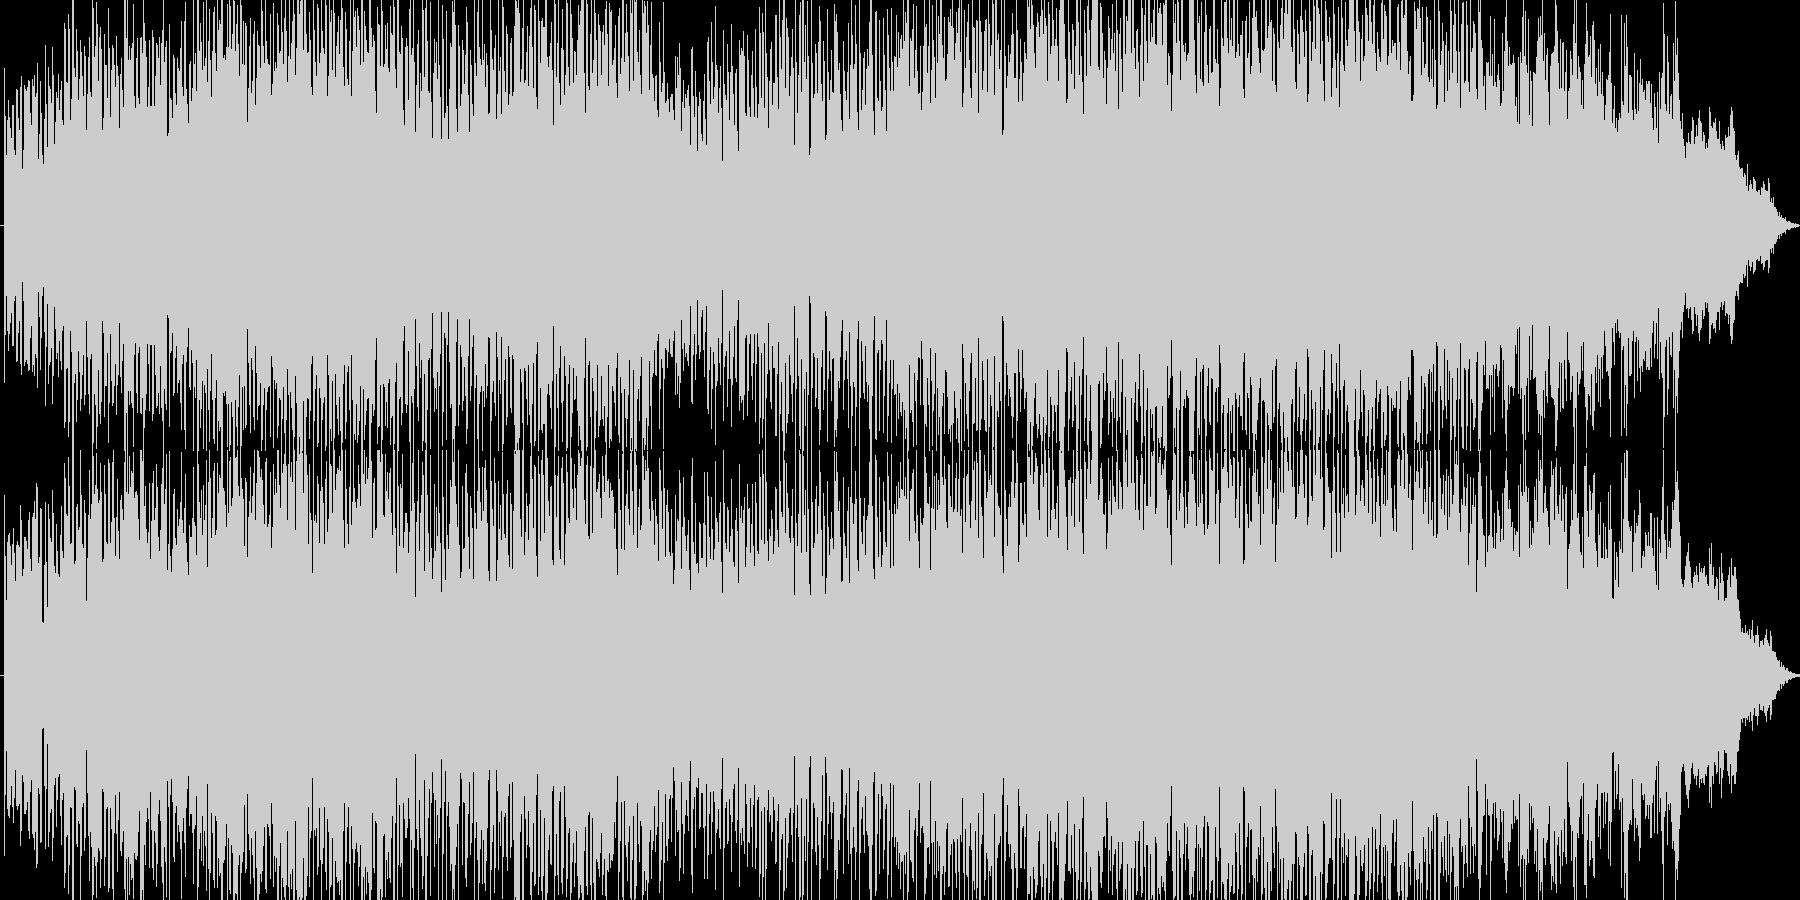 力強く、エネルギッシュなエレクトロハウ…の未再生の波形